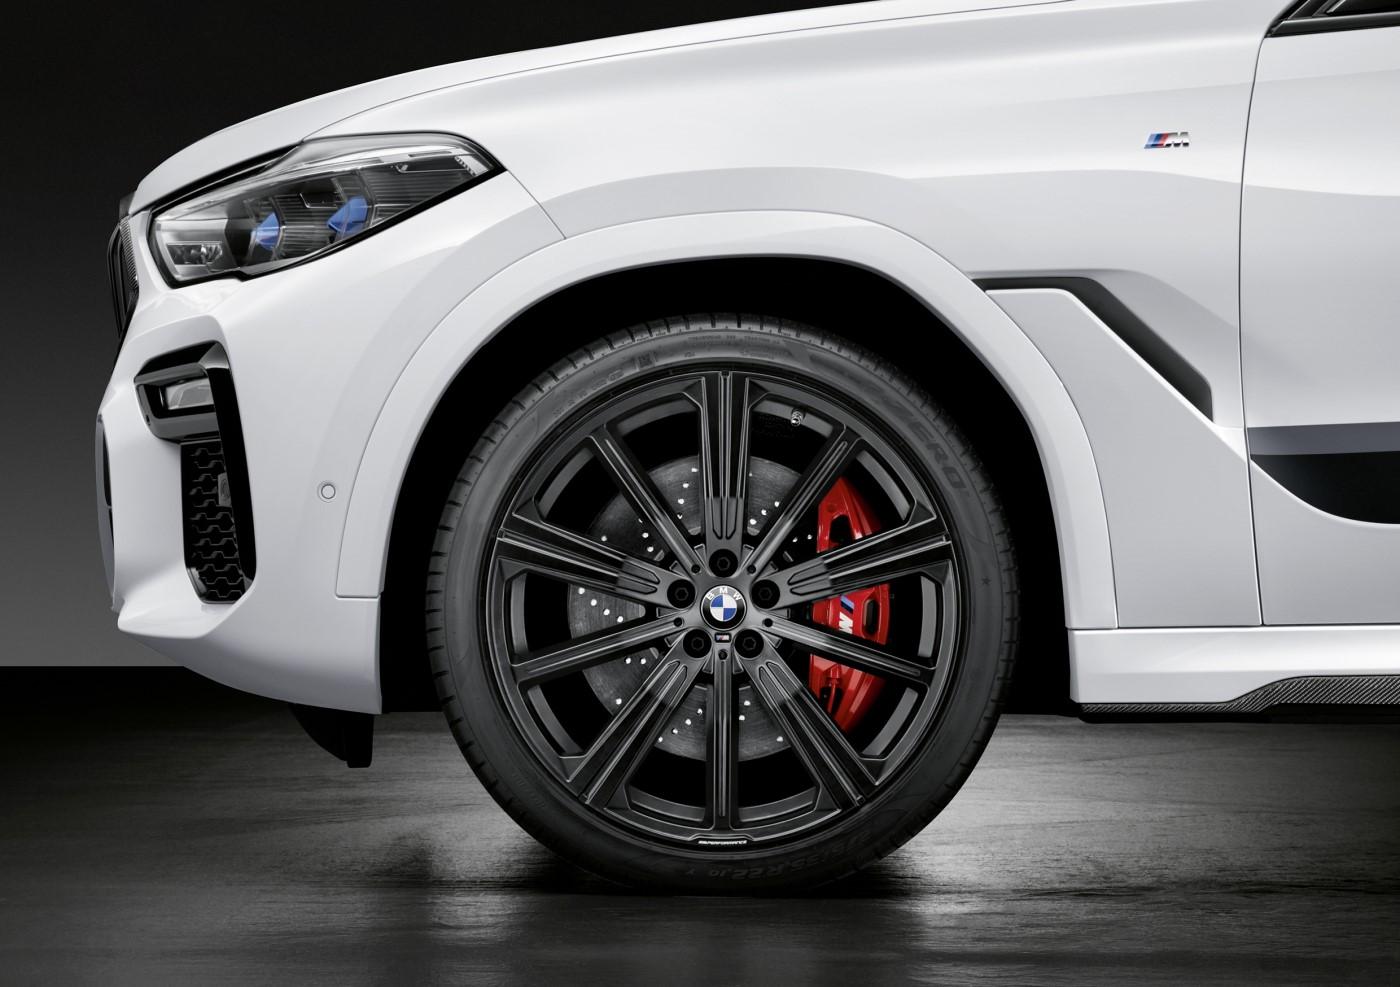 Novo Bmw X6 M Estreia Por Quase R 900 Mil Carros Com Camanzi